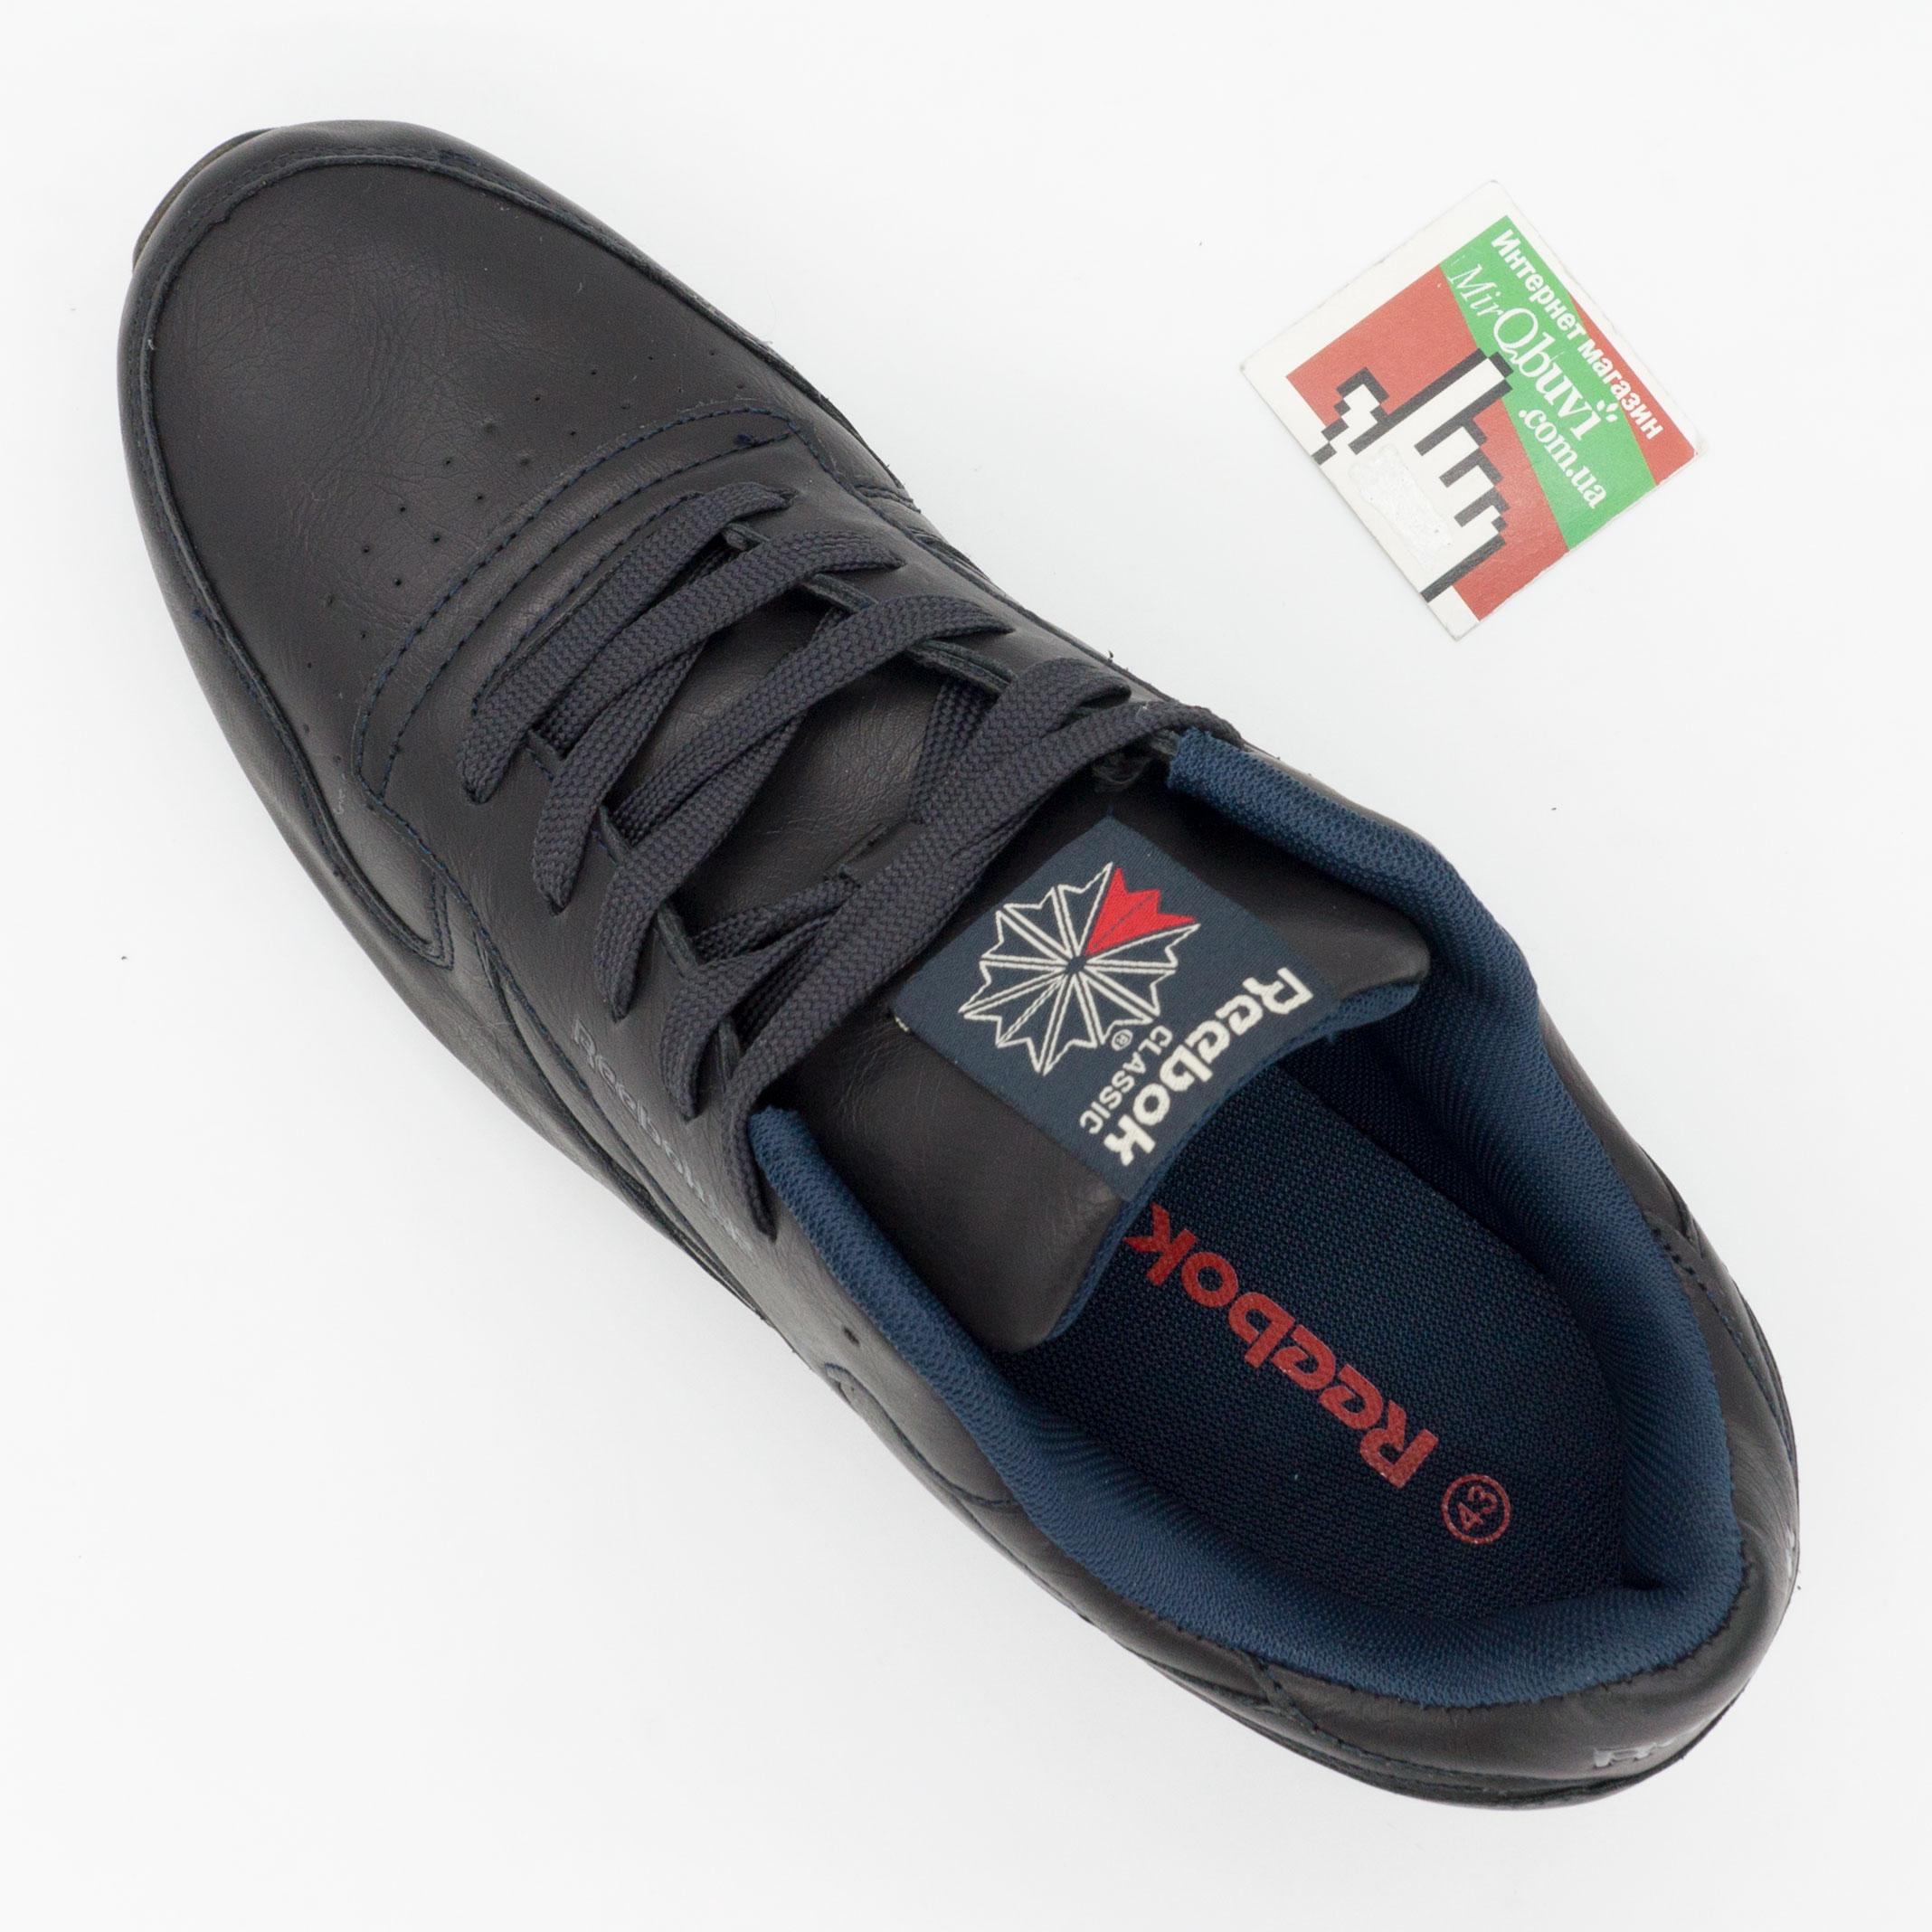 фото bottom Мужские кожаные кроссовки Reebok classic dark blue (Рибок класик темно синие, кожа) bottom